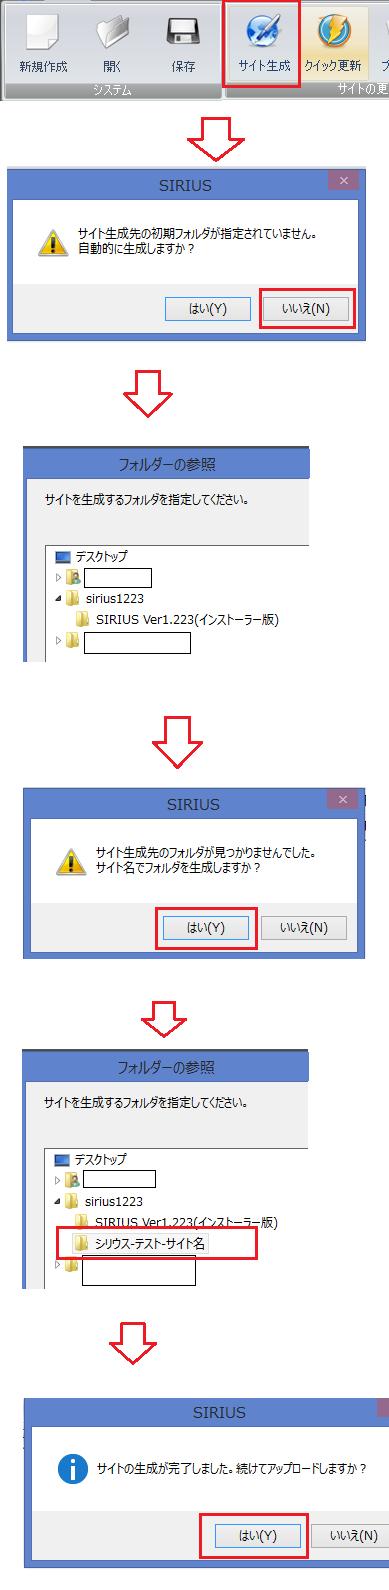 シリウスの使い方:ホームページの新規作成手順-13